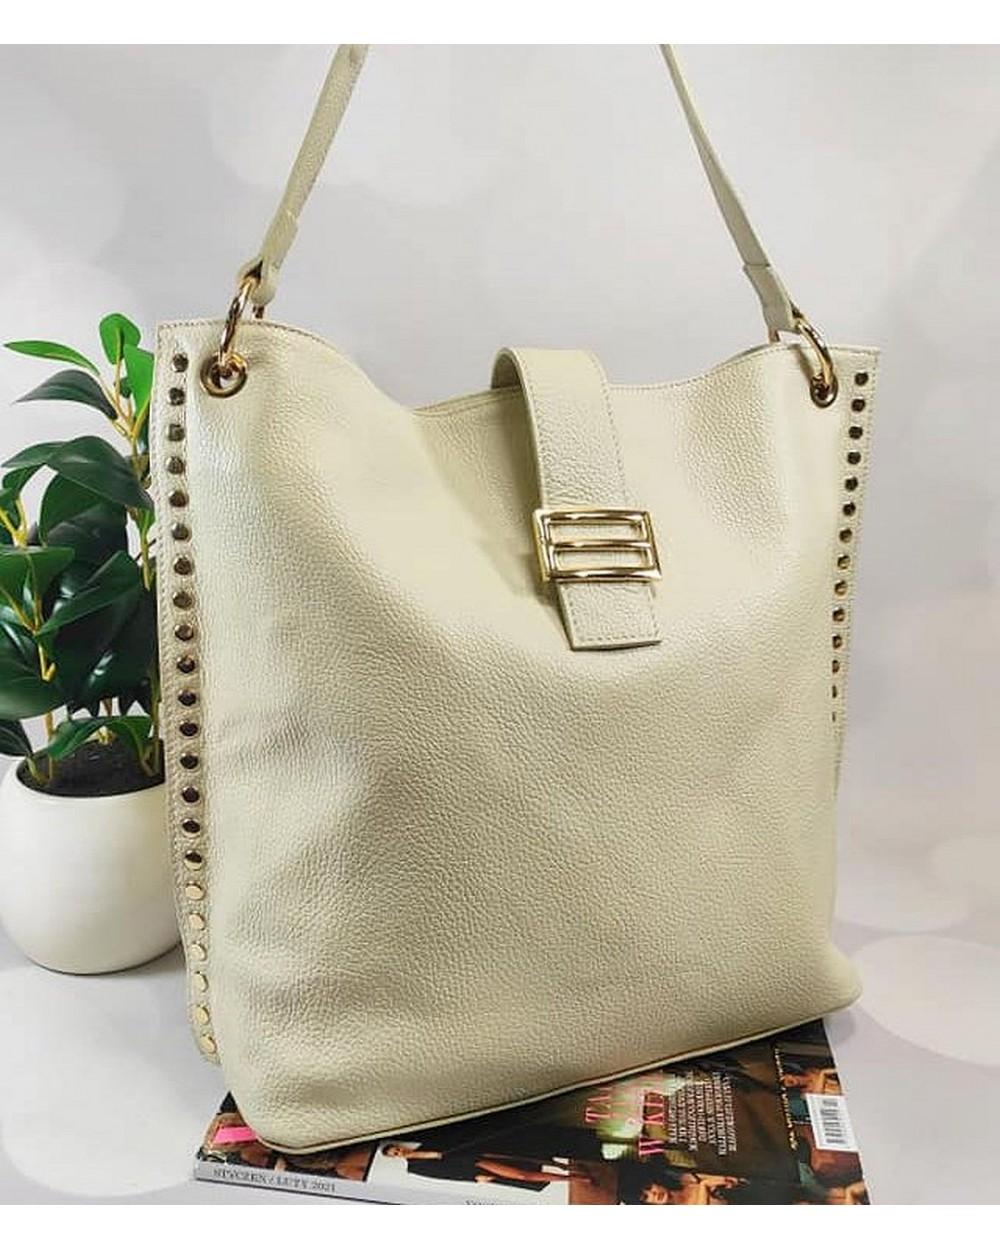 Skórzana torebka Laura Biaggi z nitami beżowa